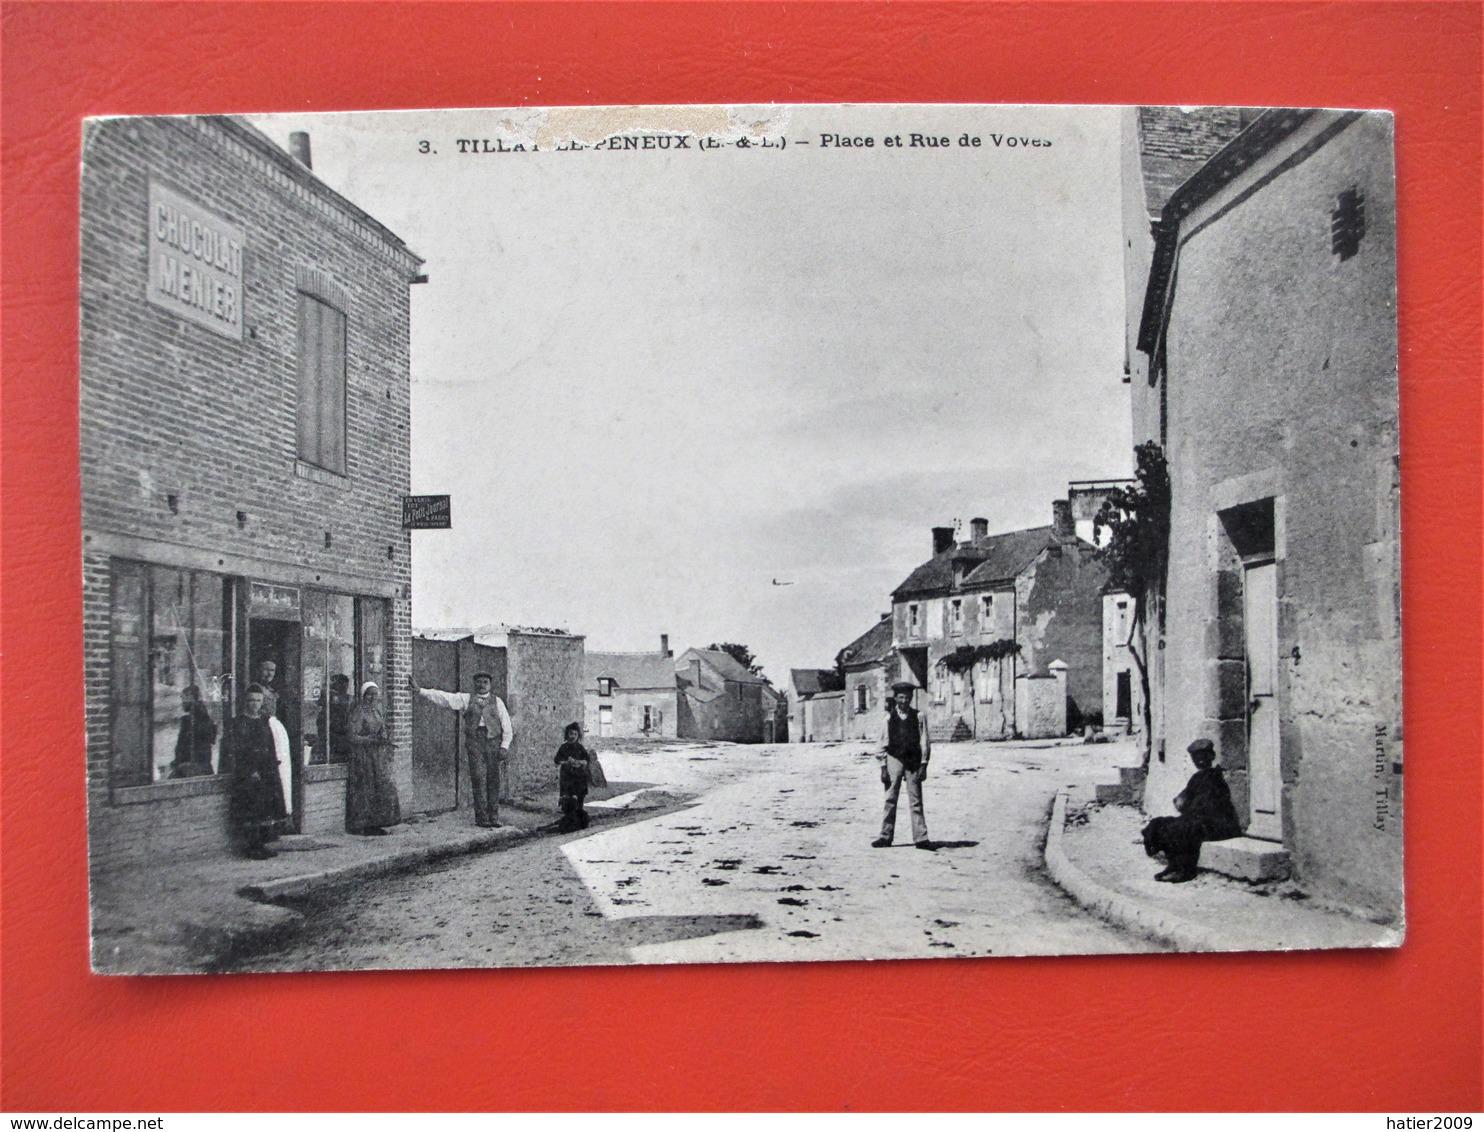 TILLAY LE PENEUX - Place Et Rue De Voves - Animation Devant Commerce Publicite Chocolat Menier  - Voyagée En 1905 - France